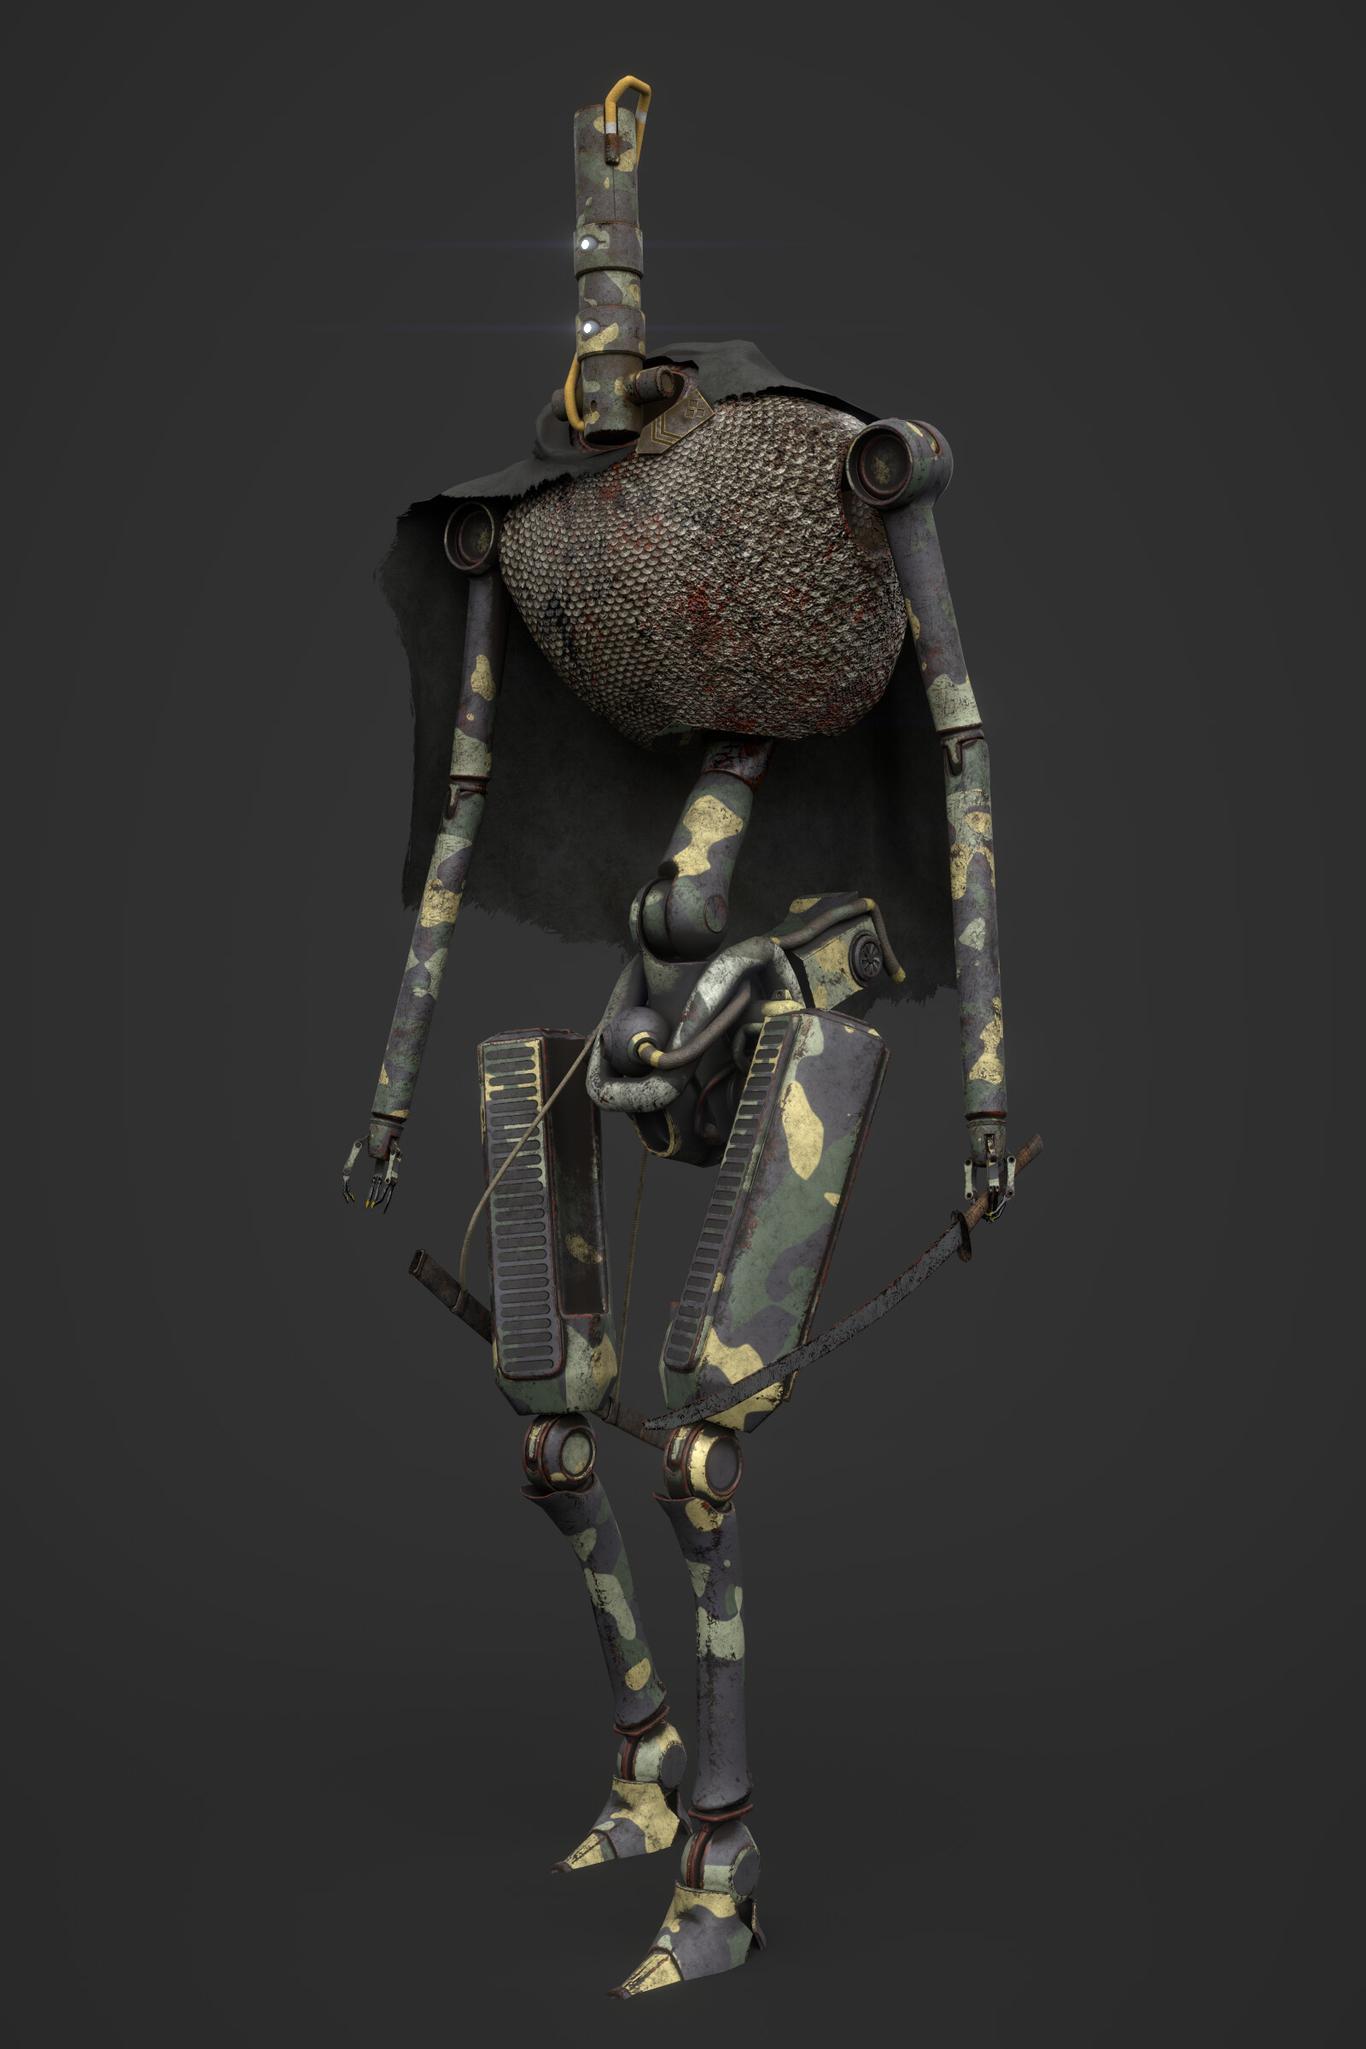 Dieedi lepper knight 1 2020050d atx8